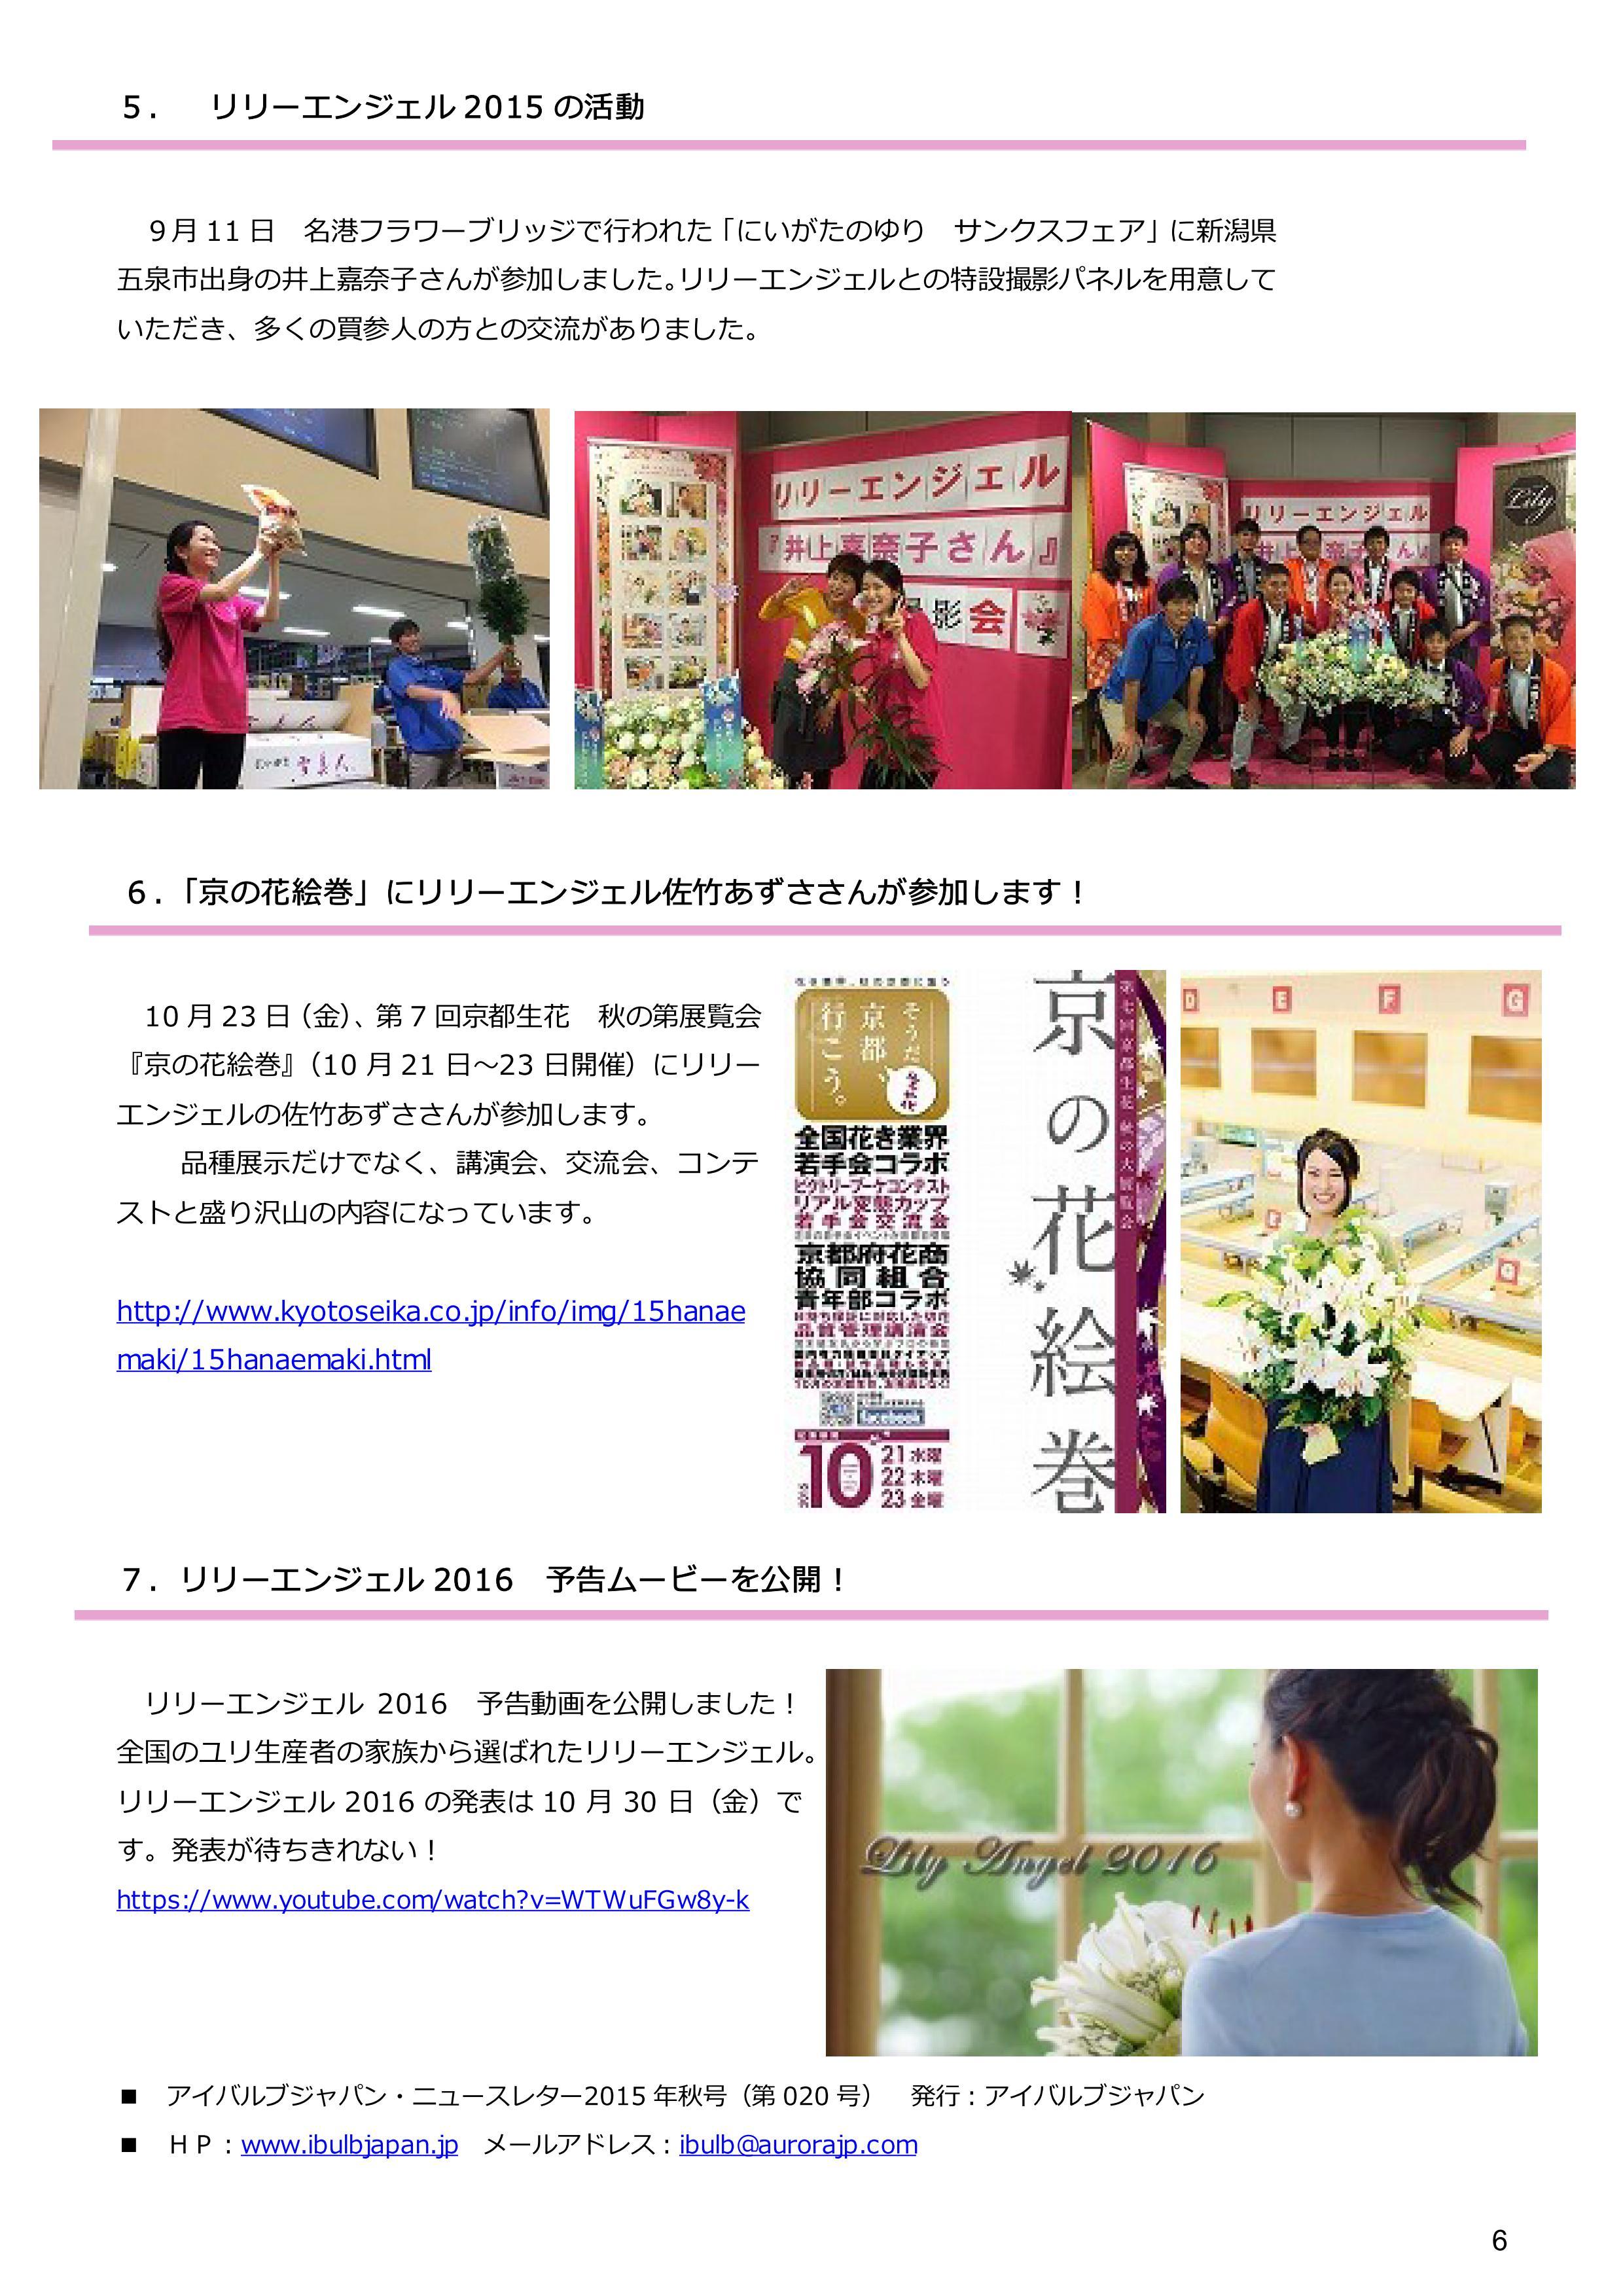 アイバルブ・ジャパン ニューズレター 2015年秋号(2015/10/09)